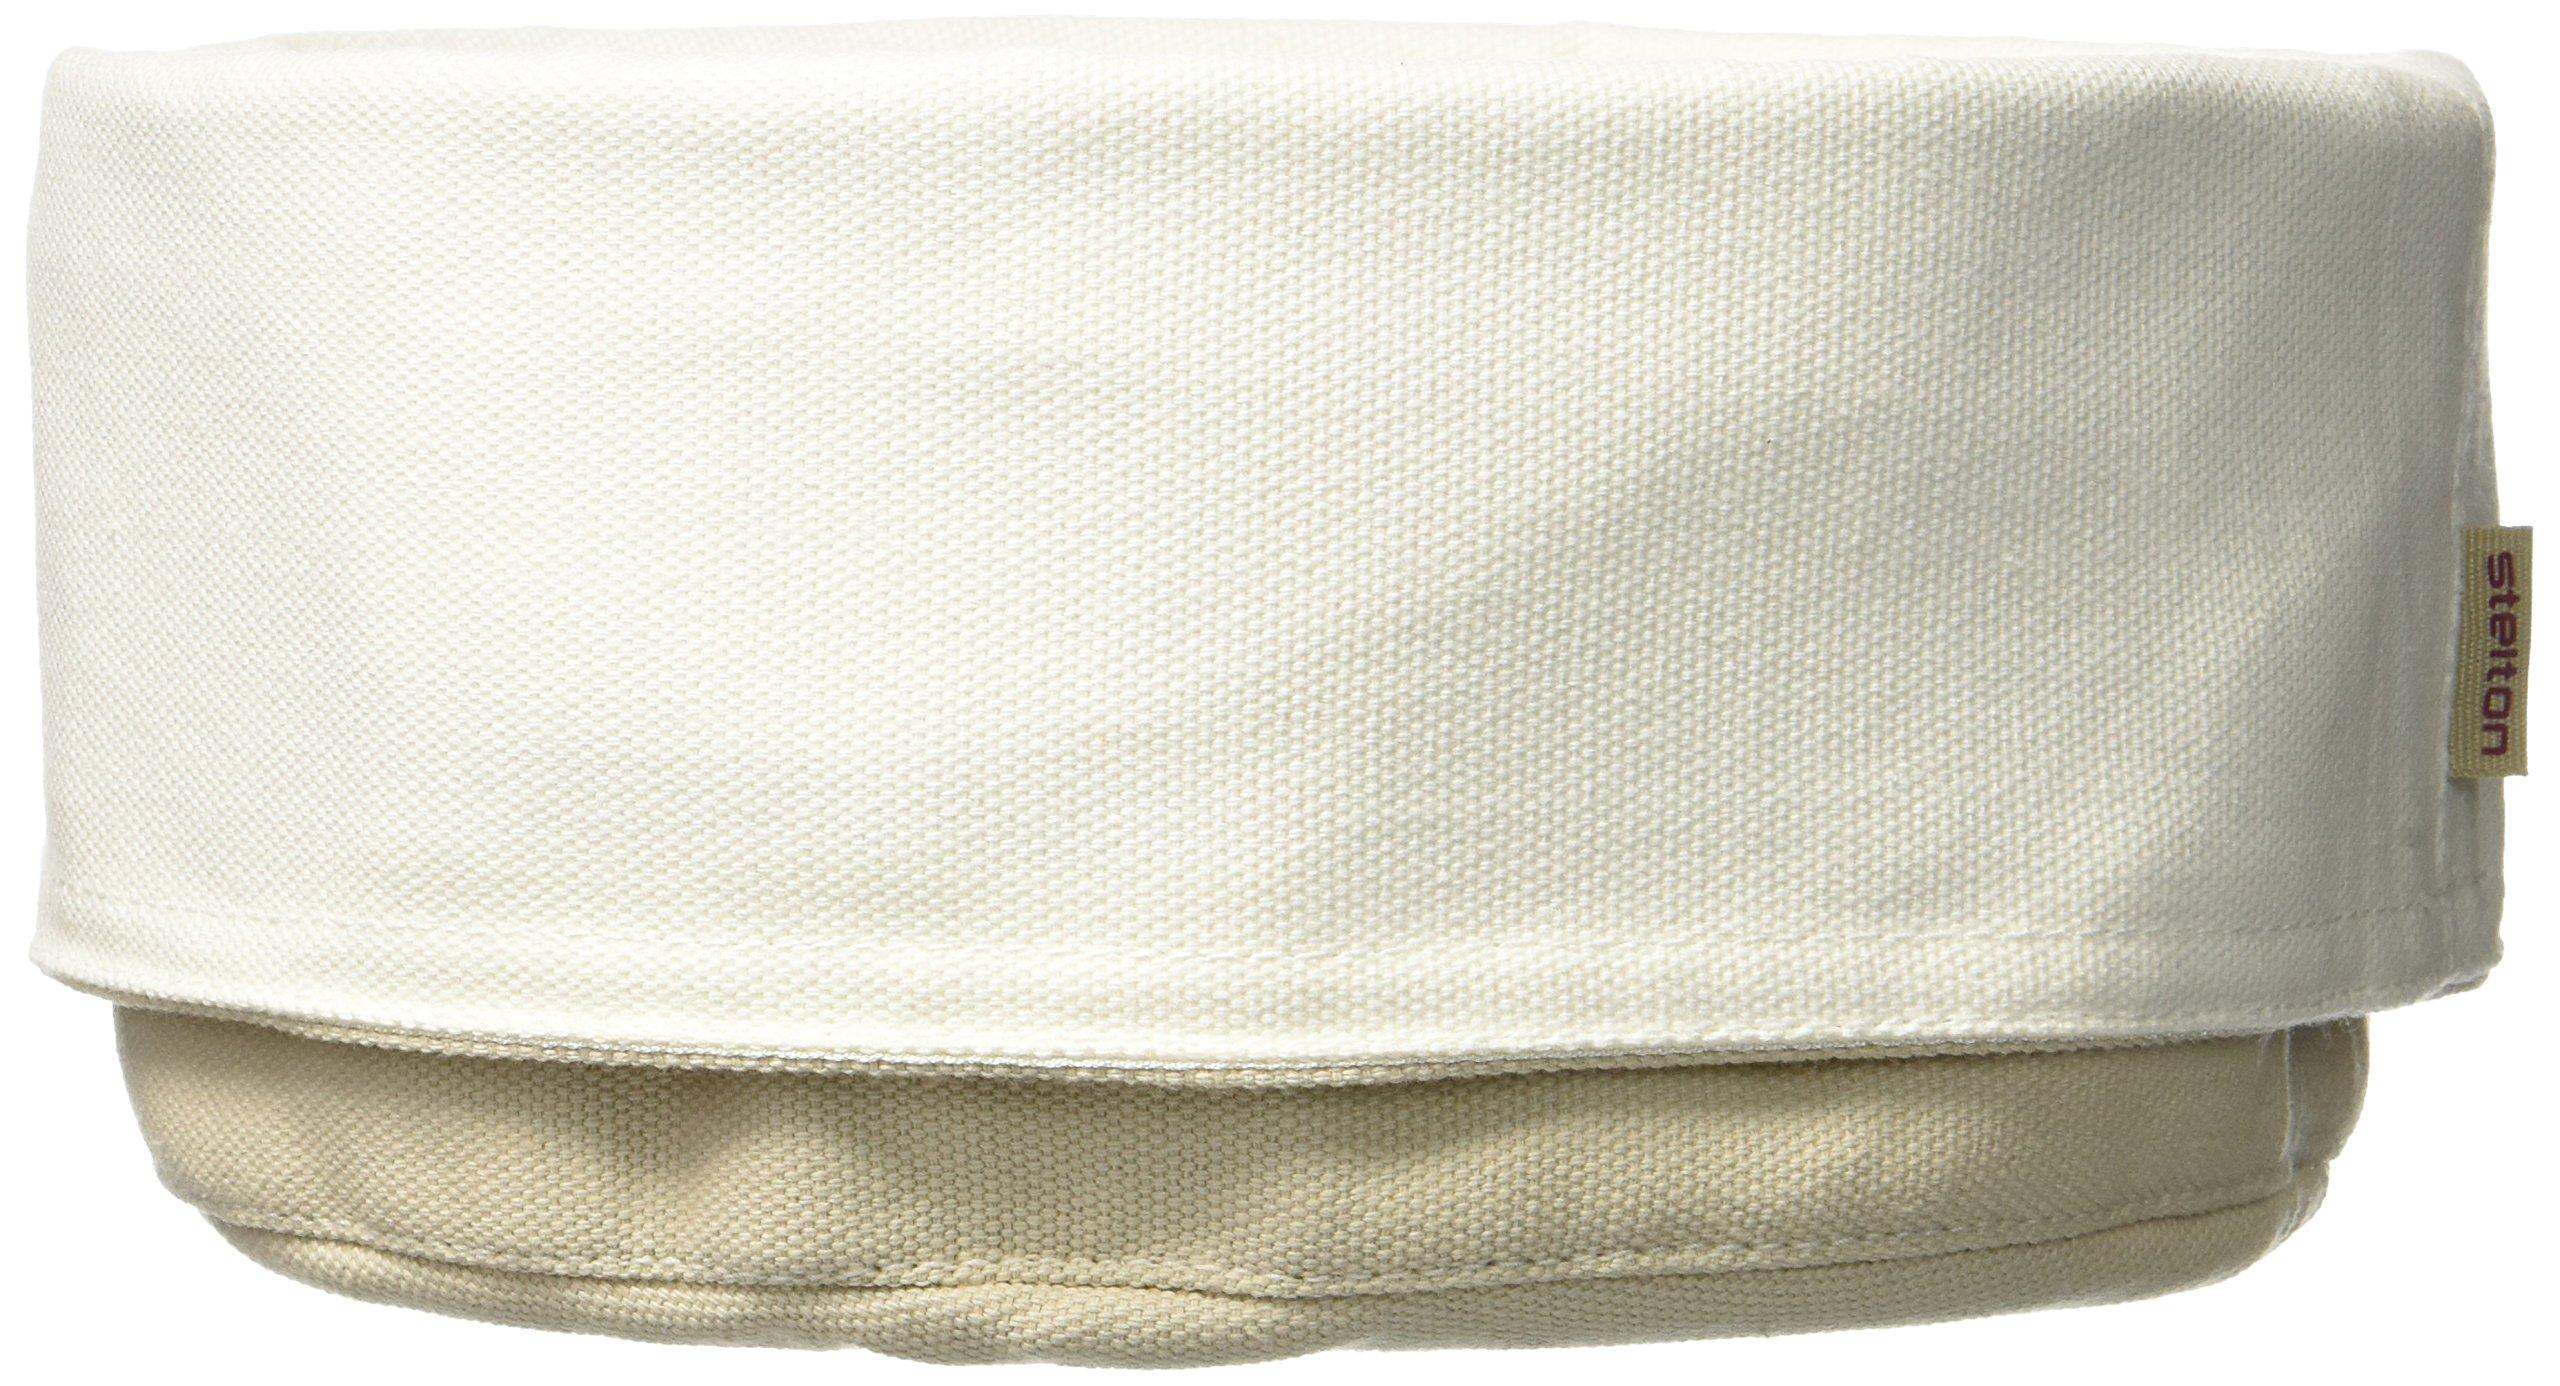 Stelton 1323 - Cesta para el pan, color beige y blanco product image